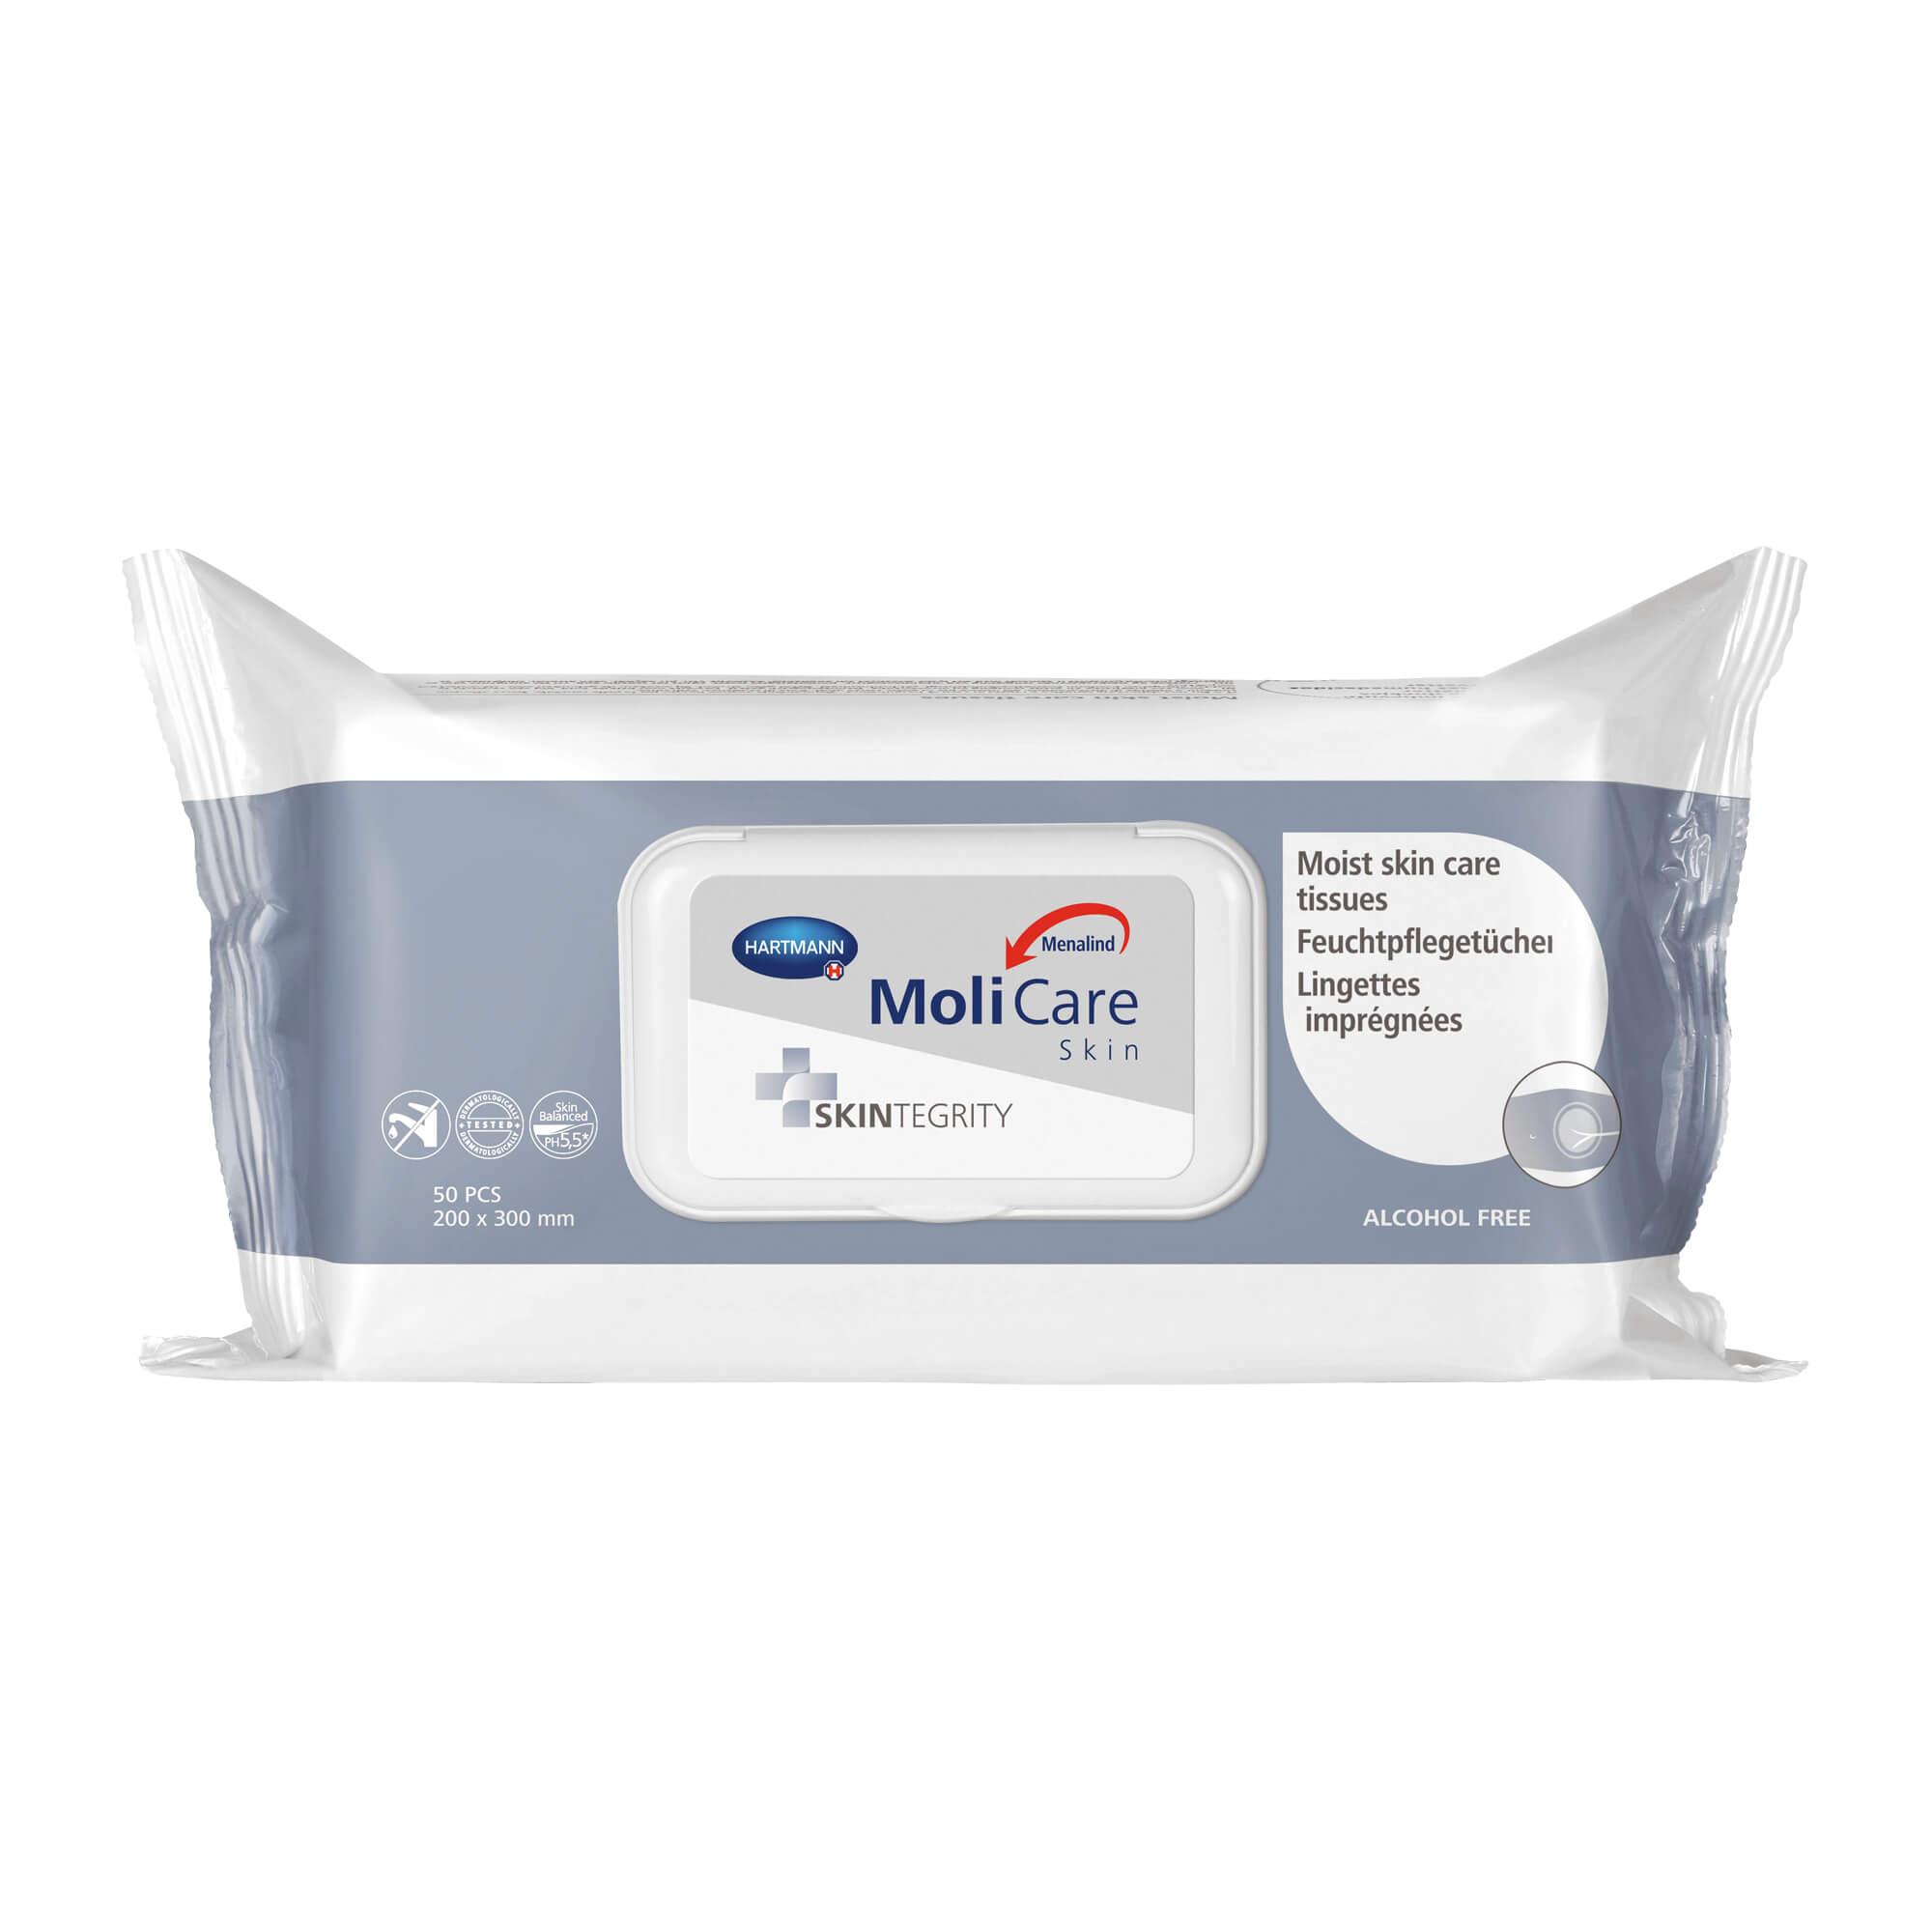 MoliCare Skin Feuchtpflegetücher